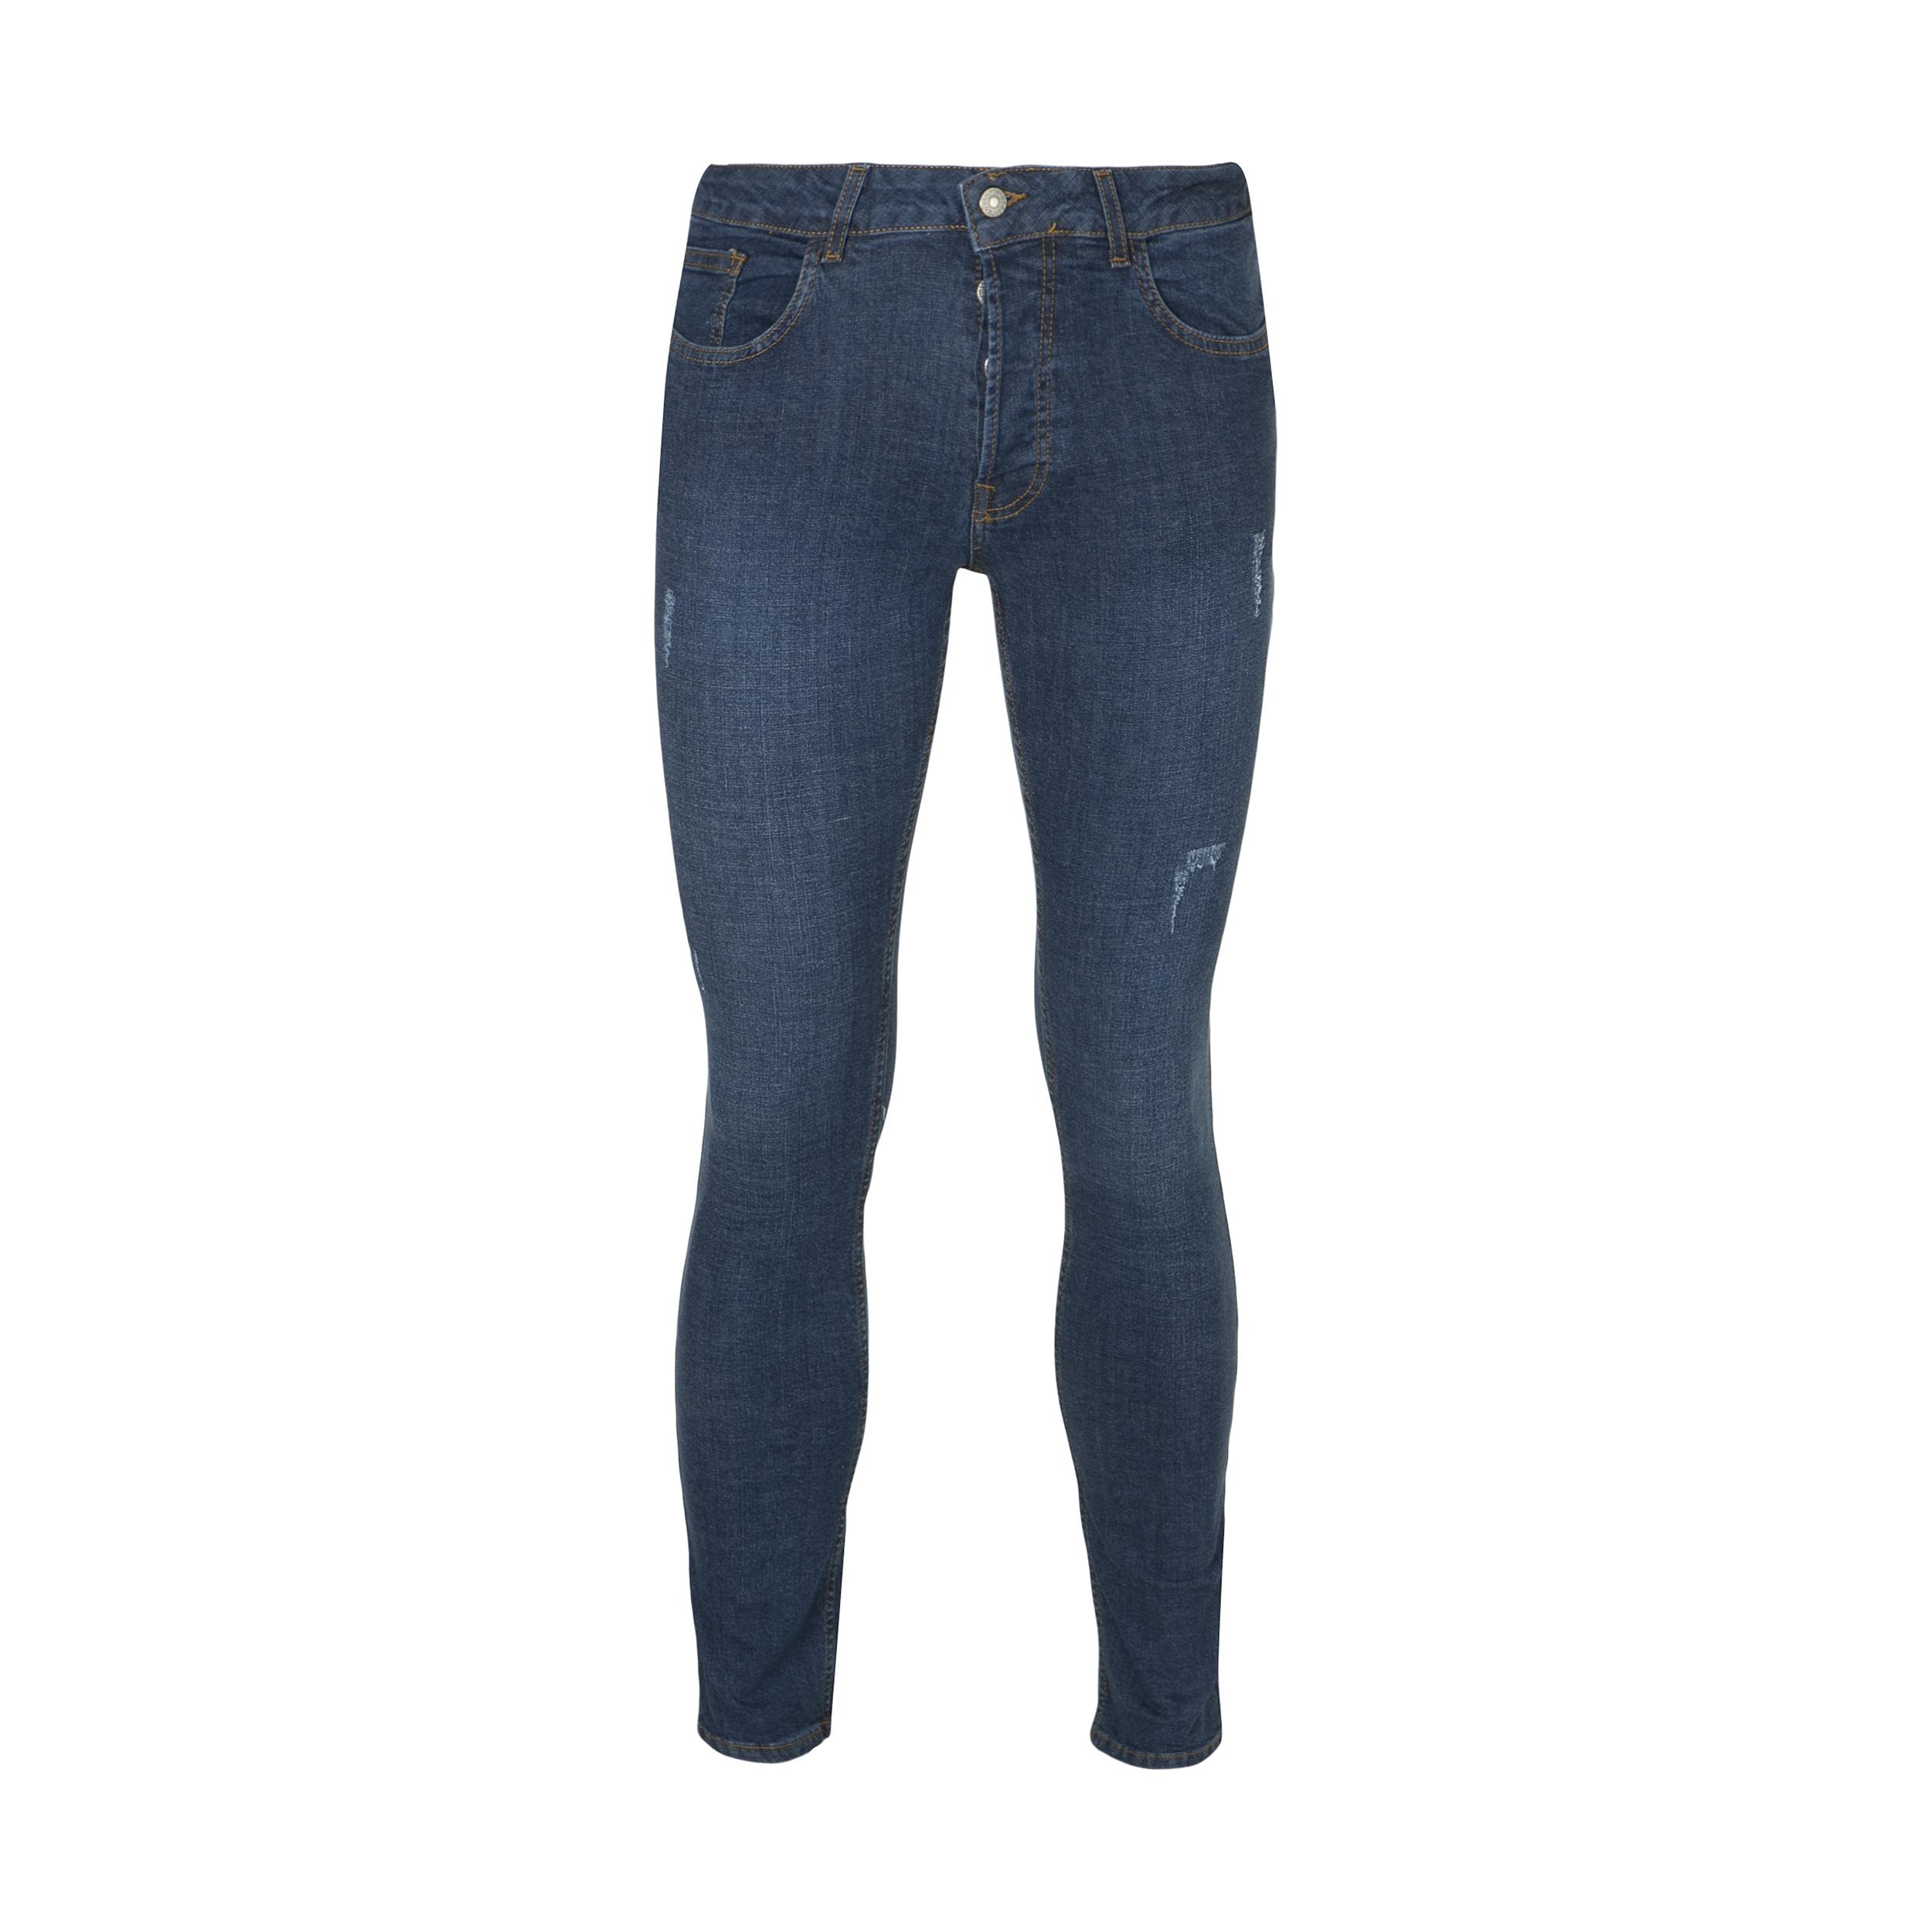 شلوار جین مردانه آر اِن اِس مدل 133051-77